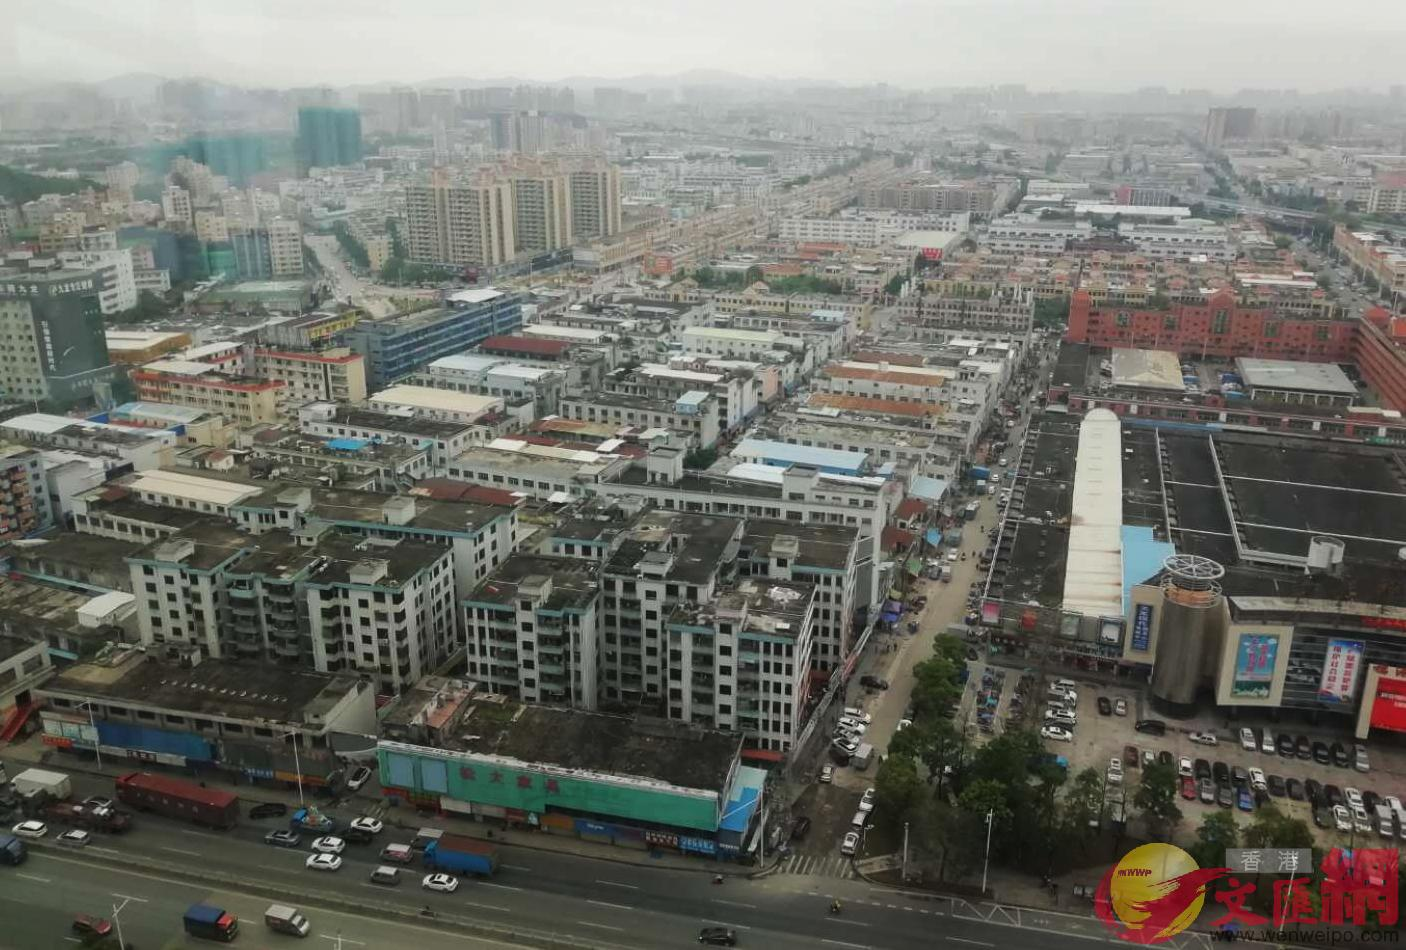 東莞長安大型工業區目前面臨全球疫情導致訂單取消的衝擊(記者 李昌鴻 攝)